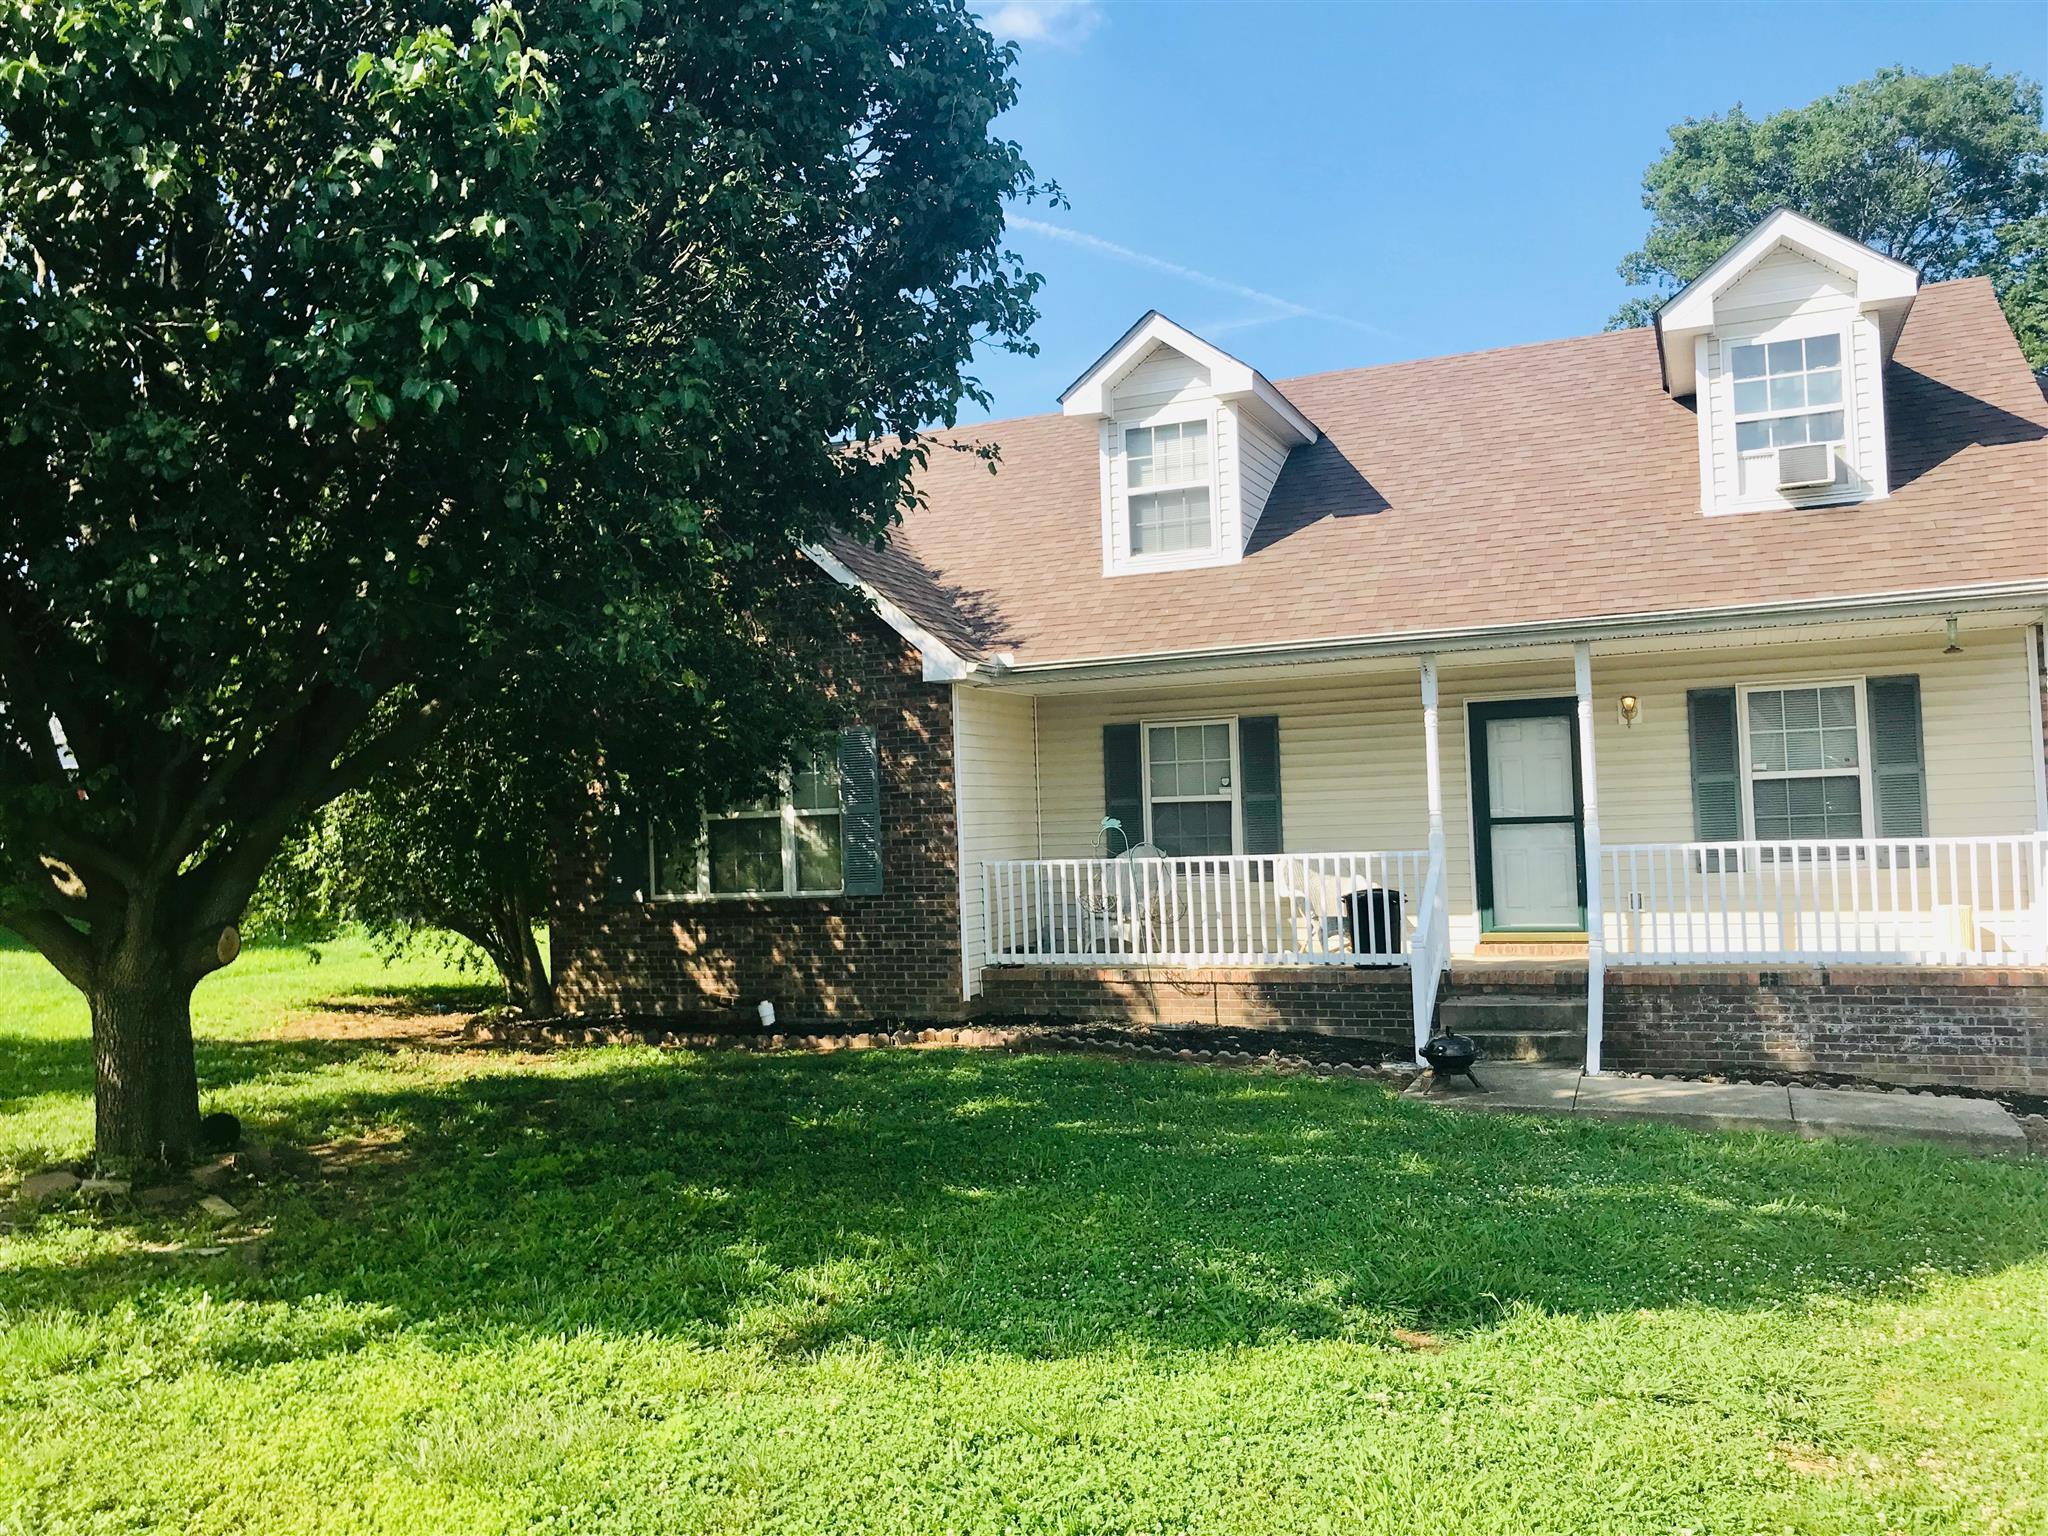 606 Hounds Run, LA VERGNE, TN 37086 - LA VERGNE, TN real estate listing